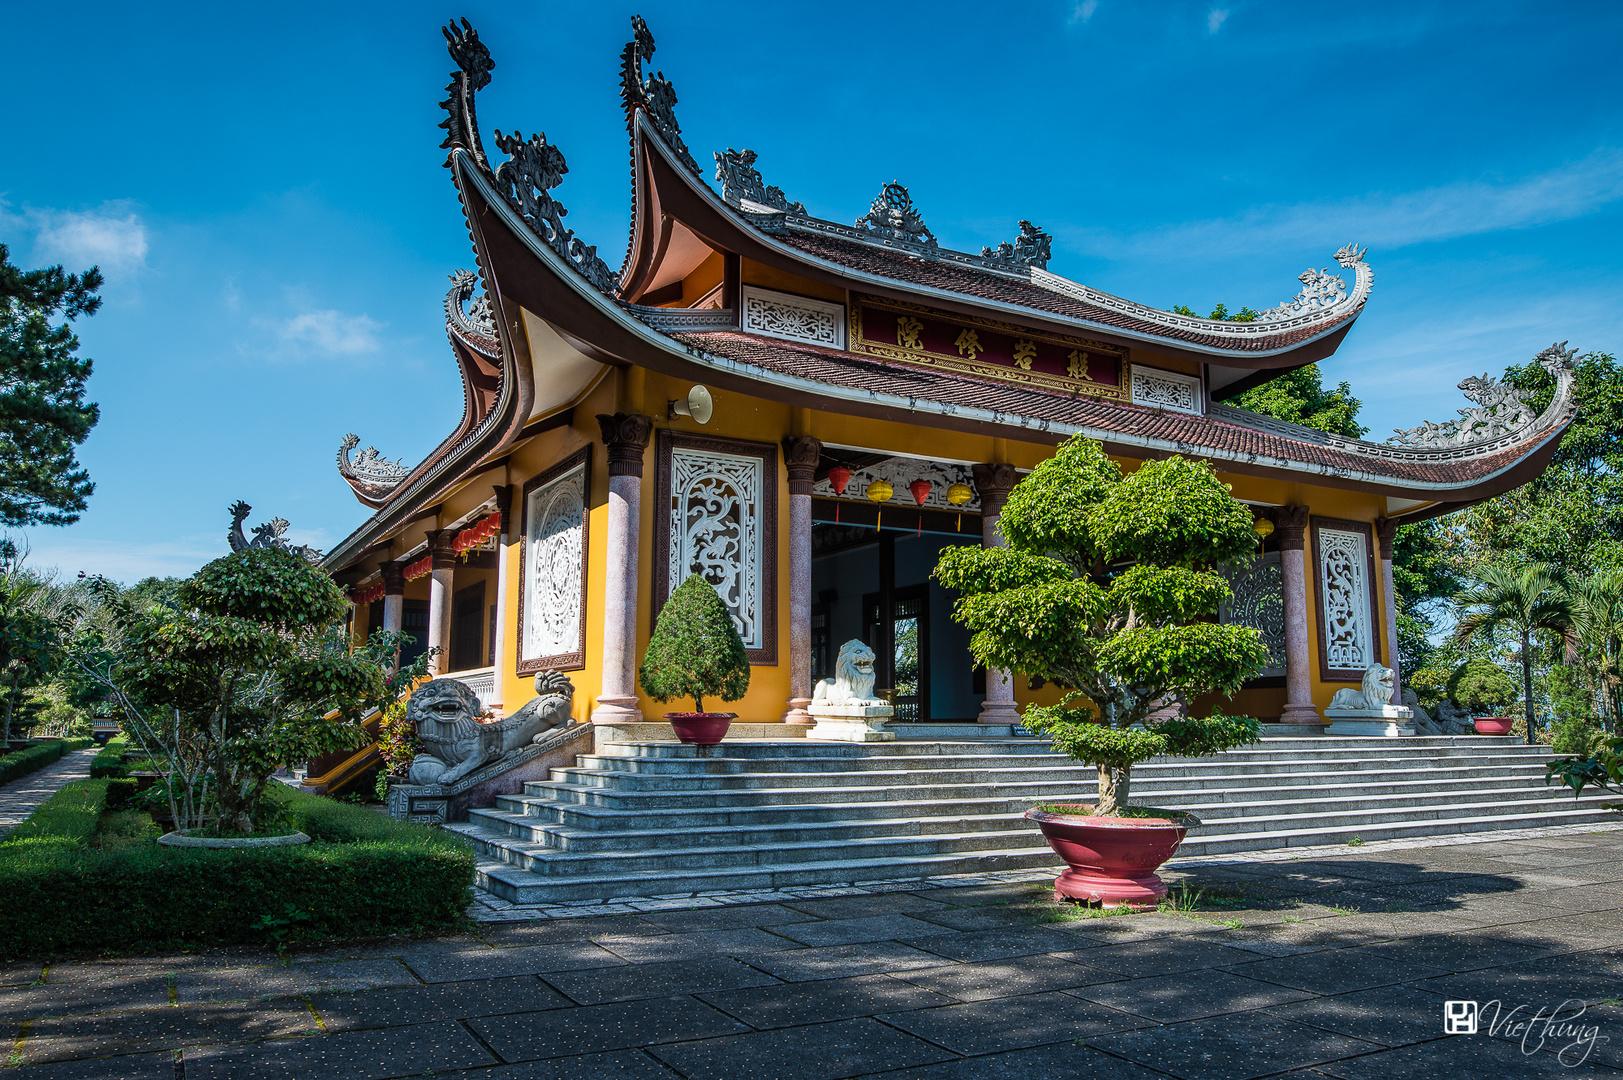 Bat Nha Pagoda